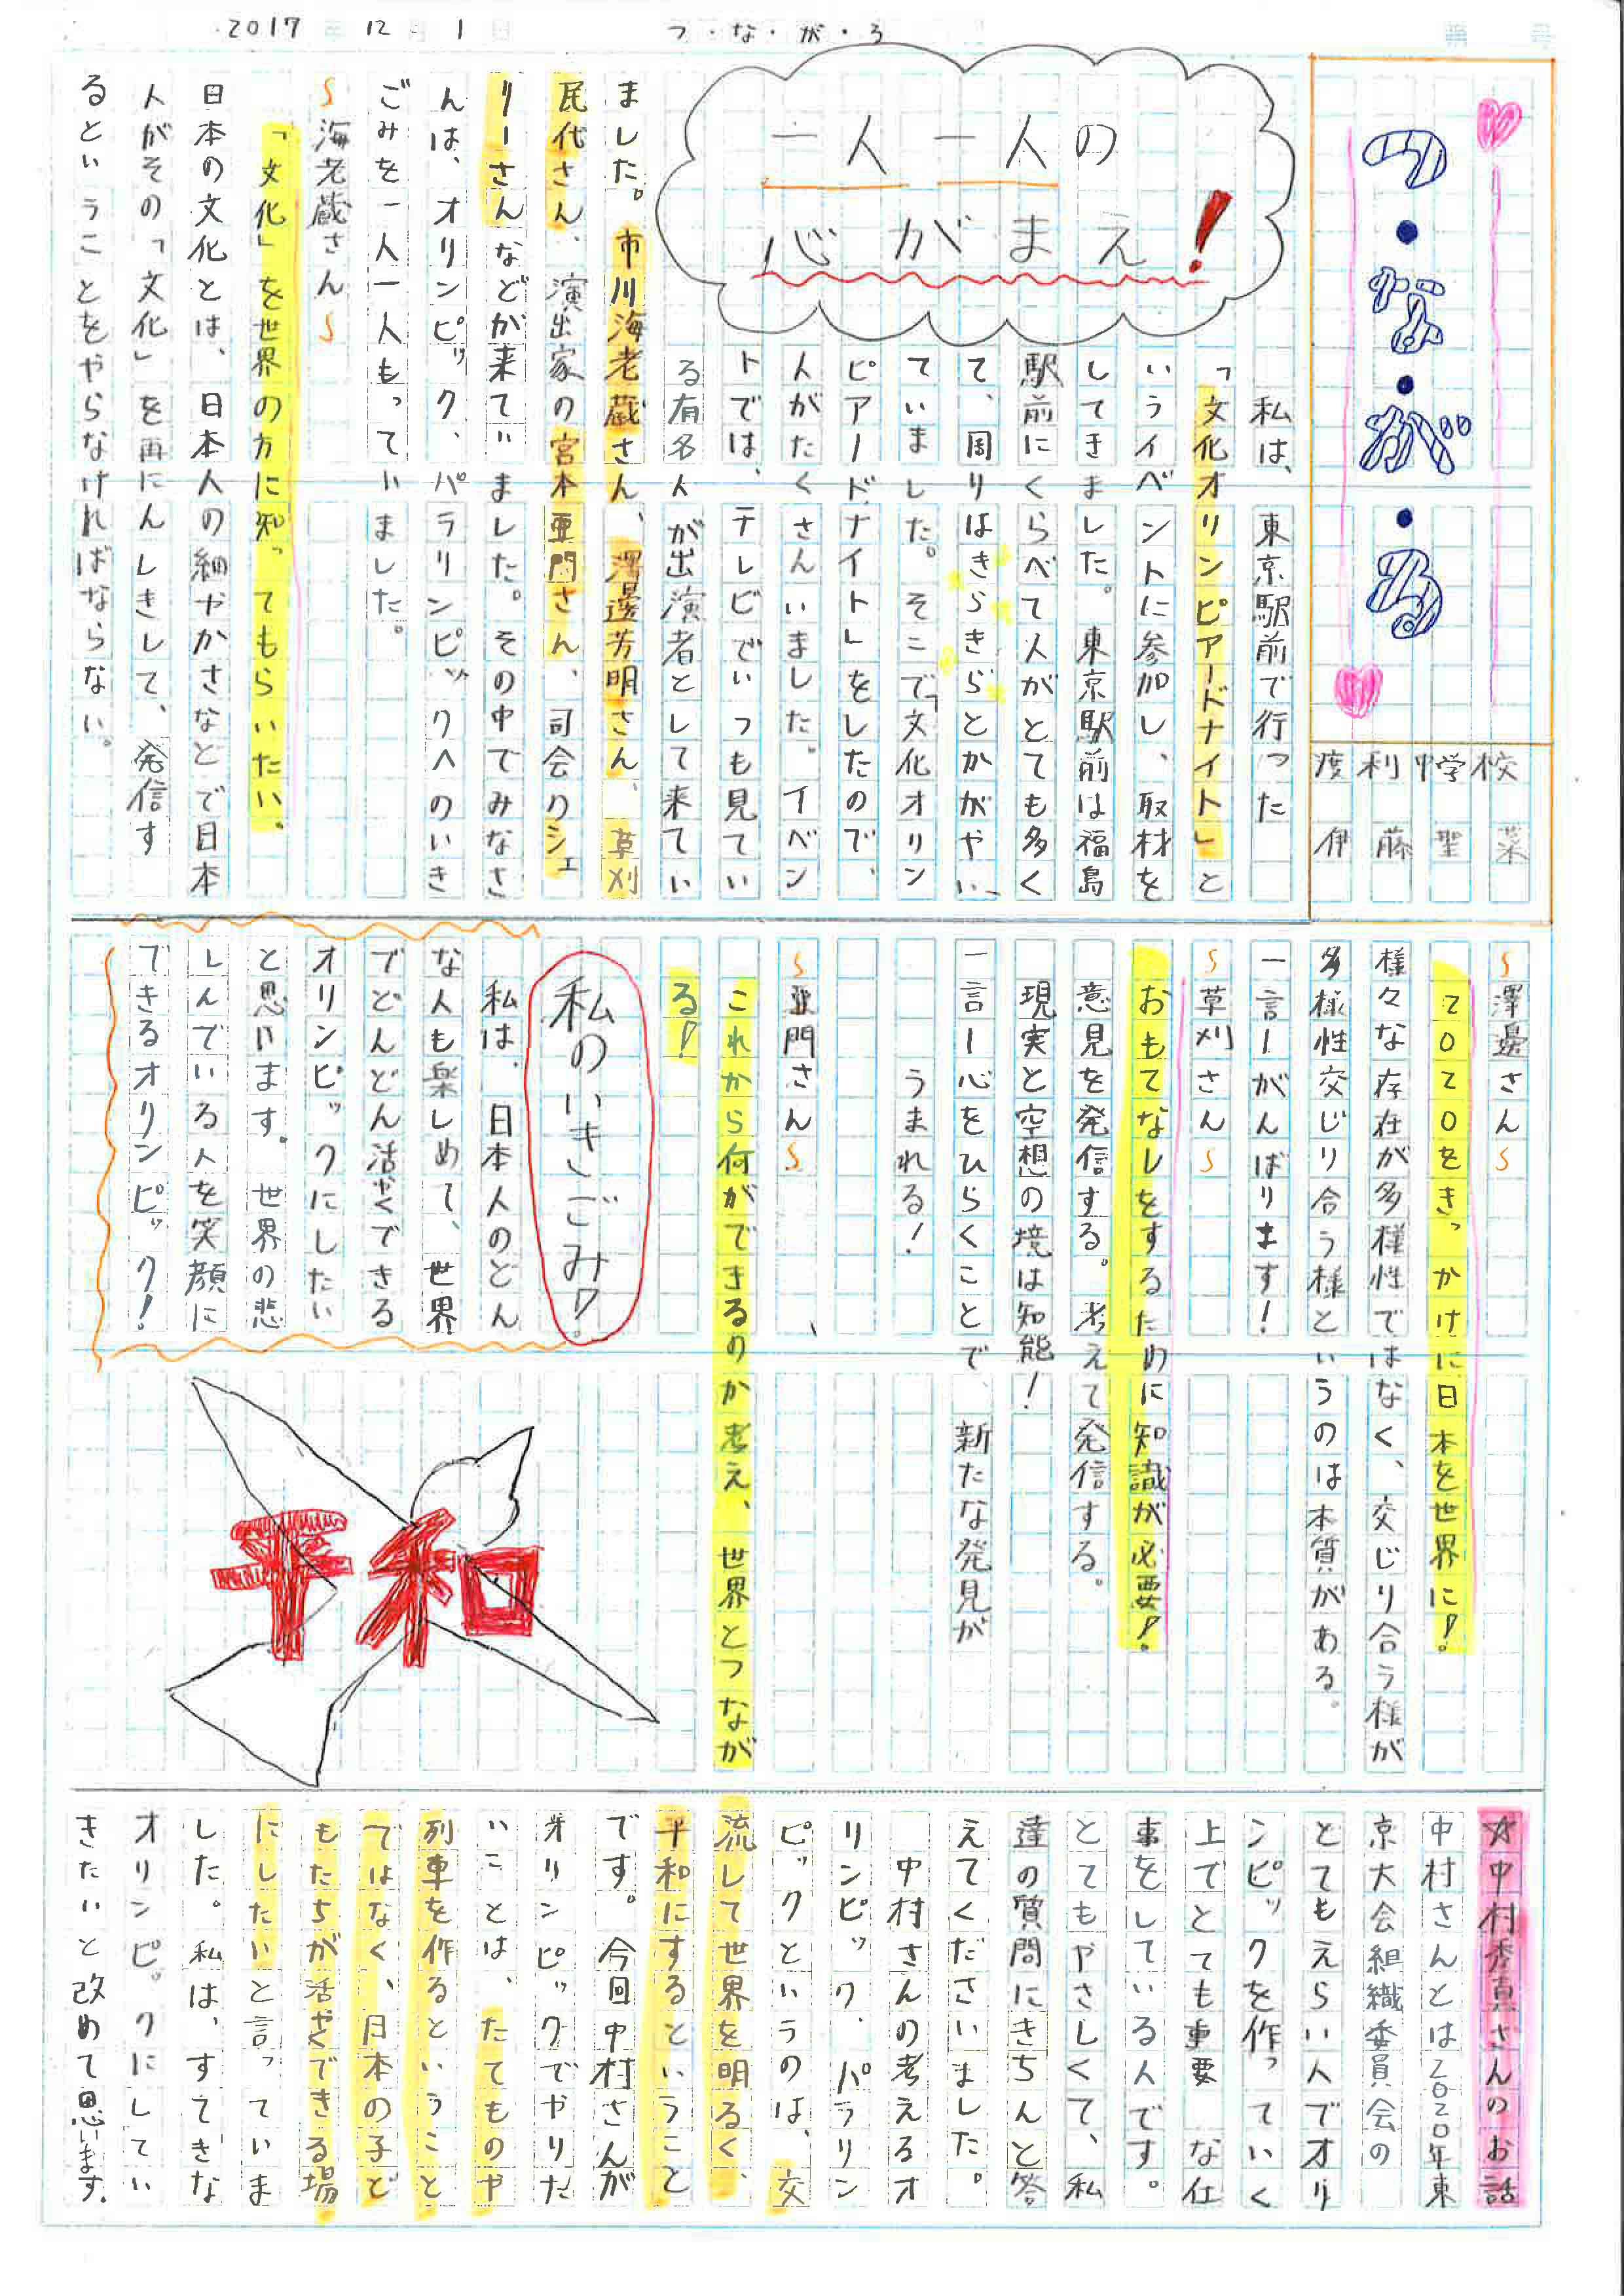 http://bunp.47news.jp/event/images/e_tsunagaru_ito1711.jpg